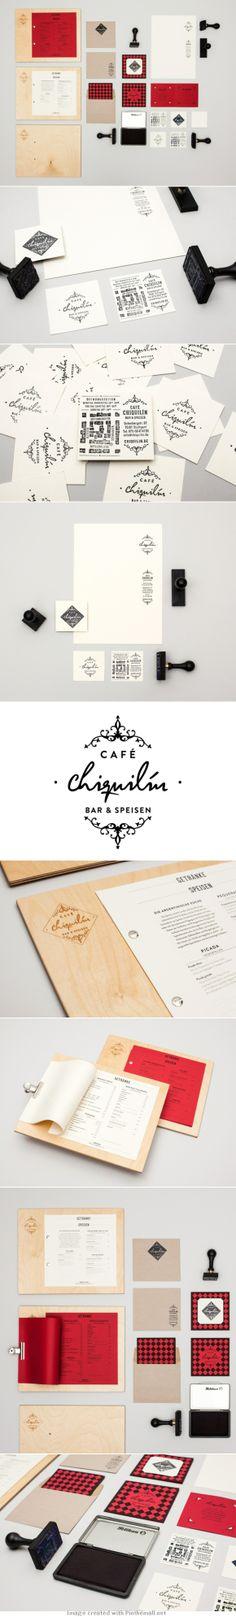 CAFÉ CHIQUILÍN - Café Chiquilín brand design by LSDK.